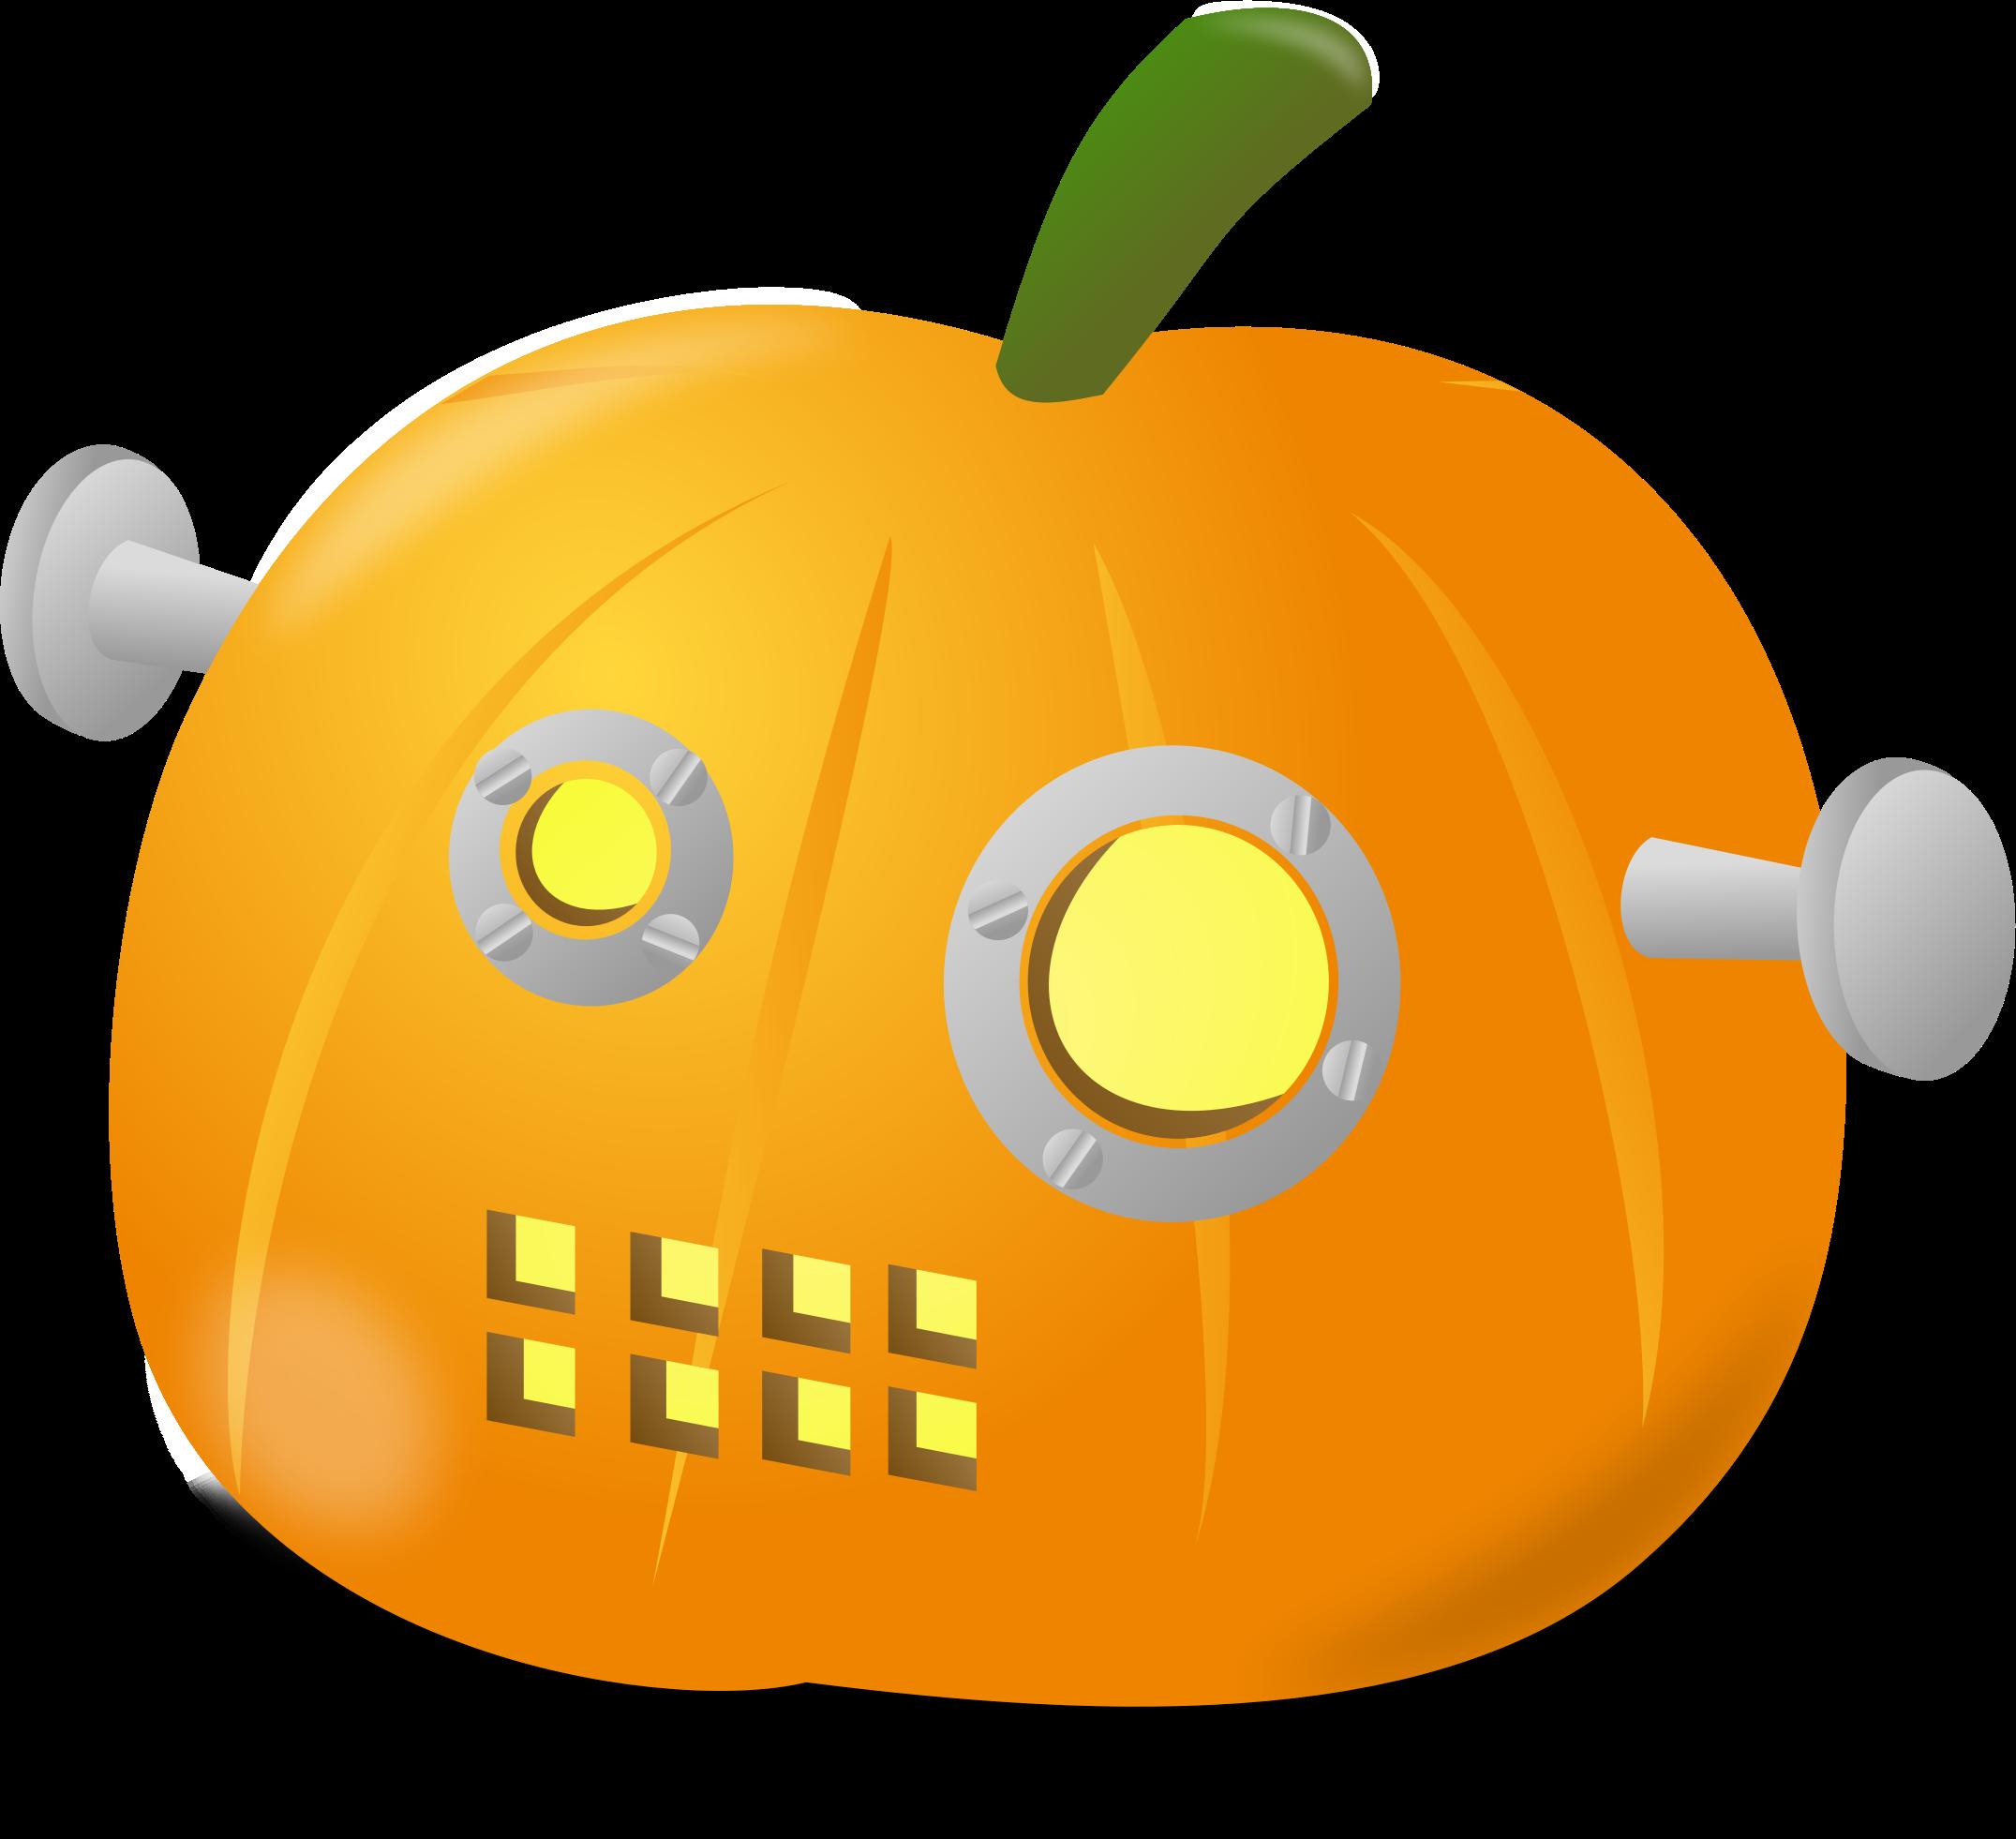 Robot clipart halloween #7